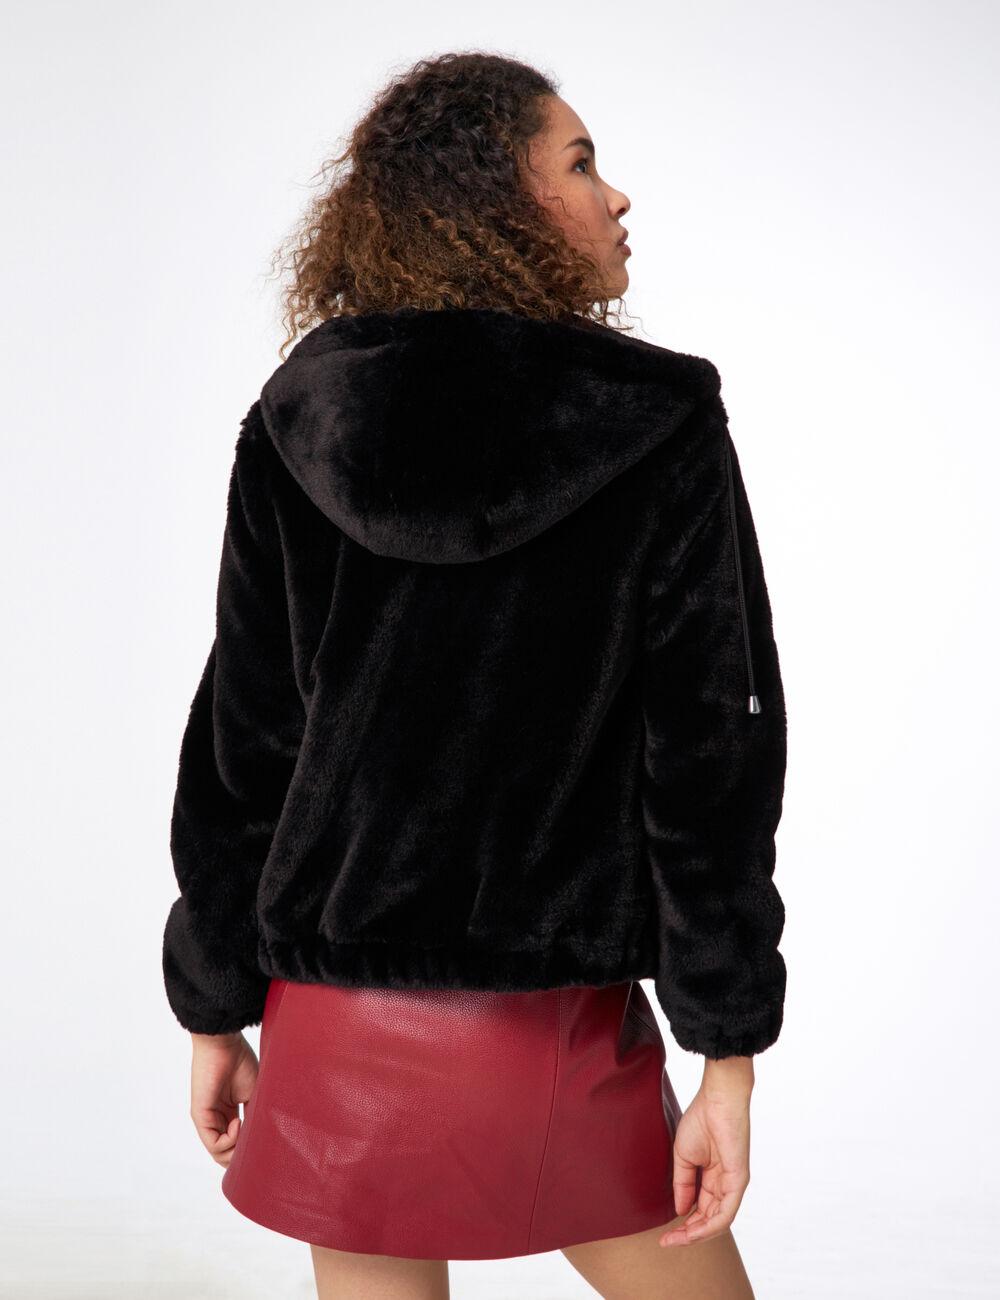 Veste moumoute femme noire